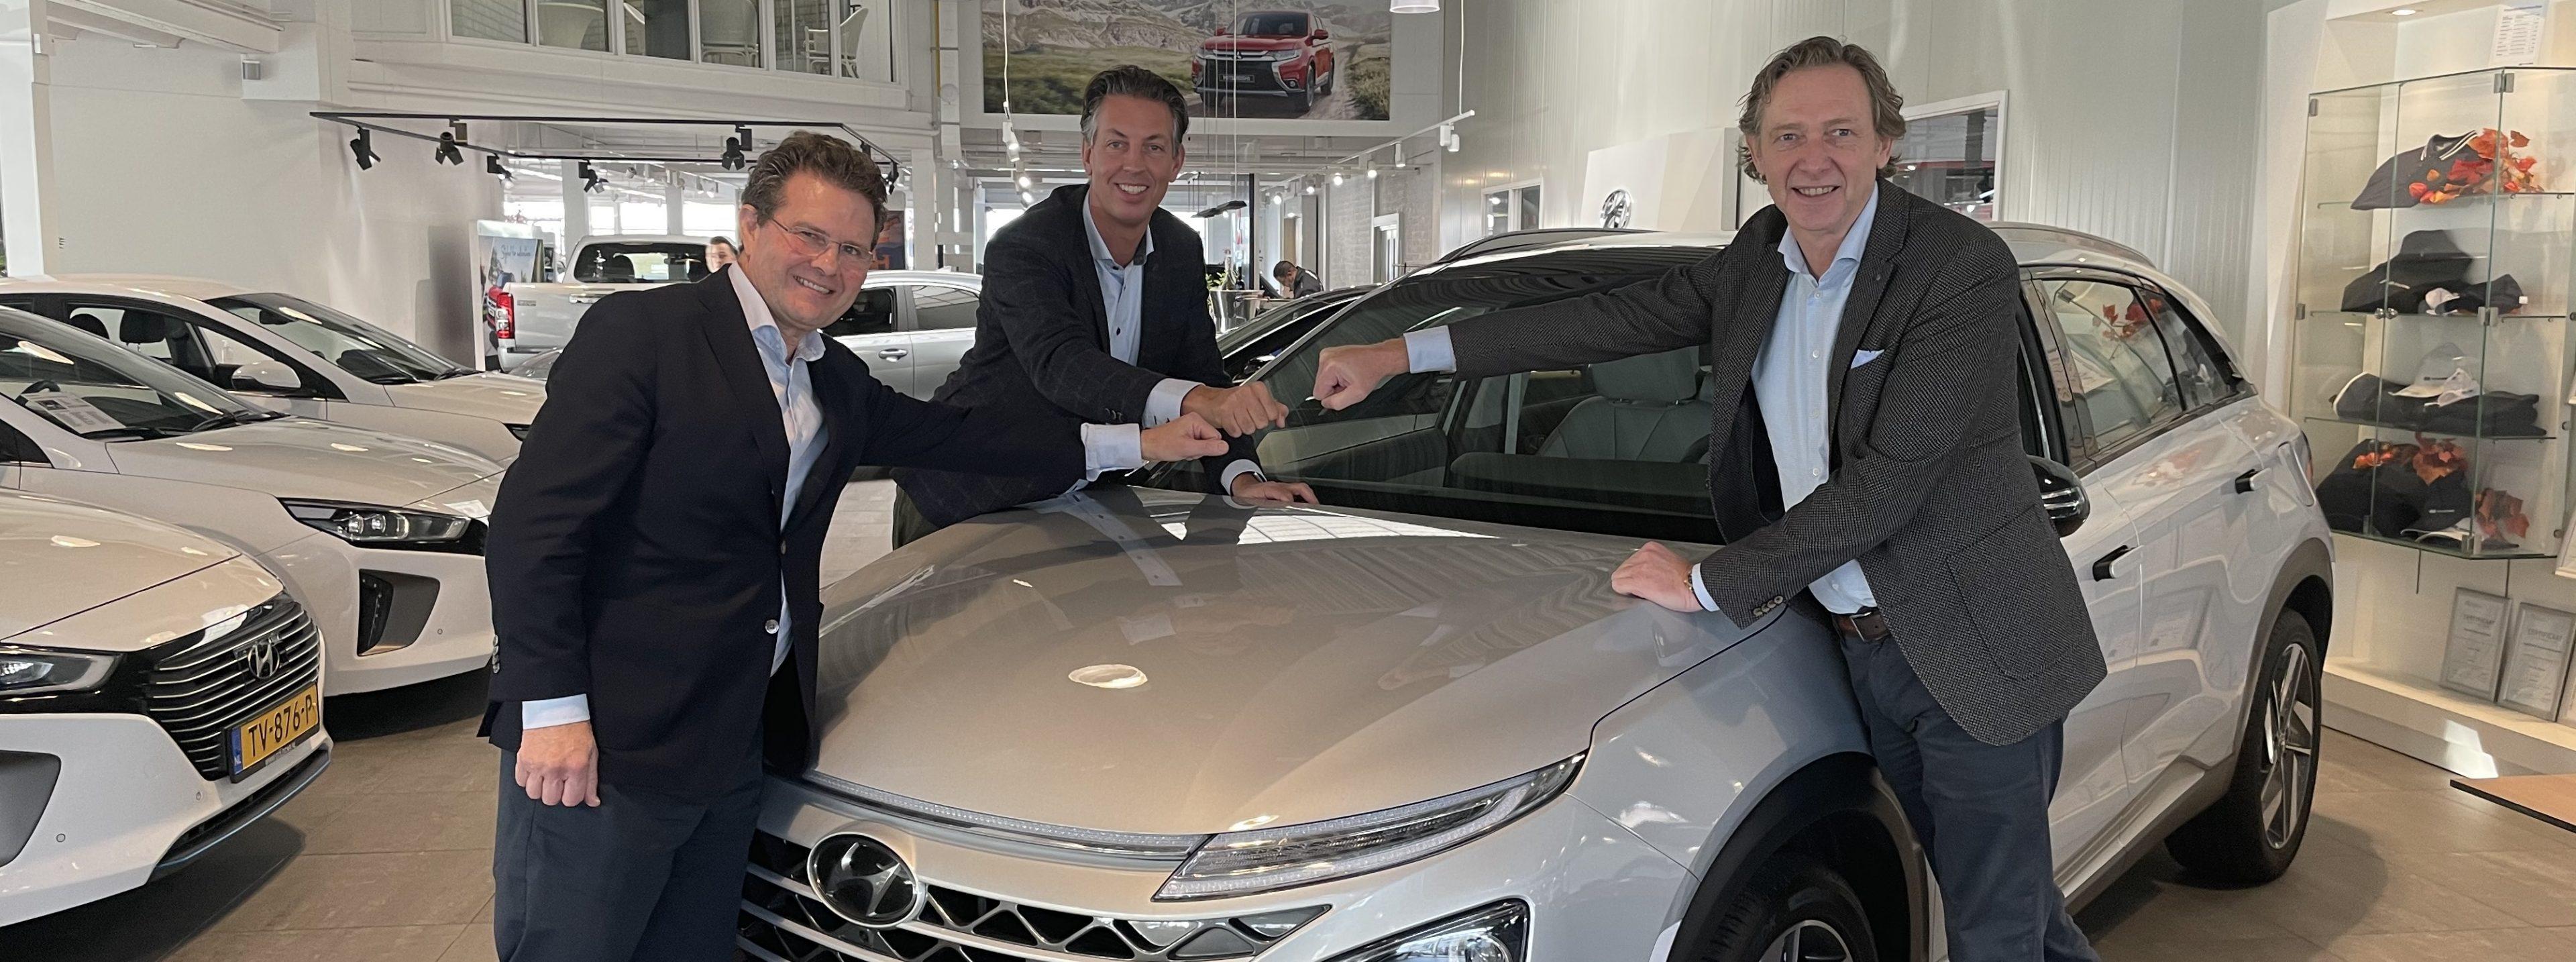 Autogroep Ursem Barten neemt Goldcar over